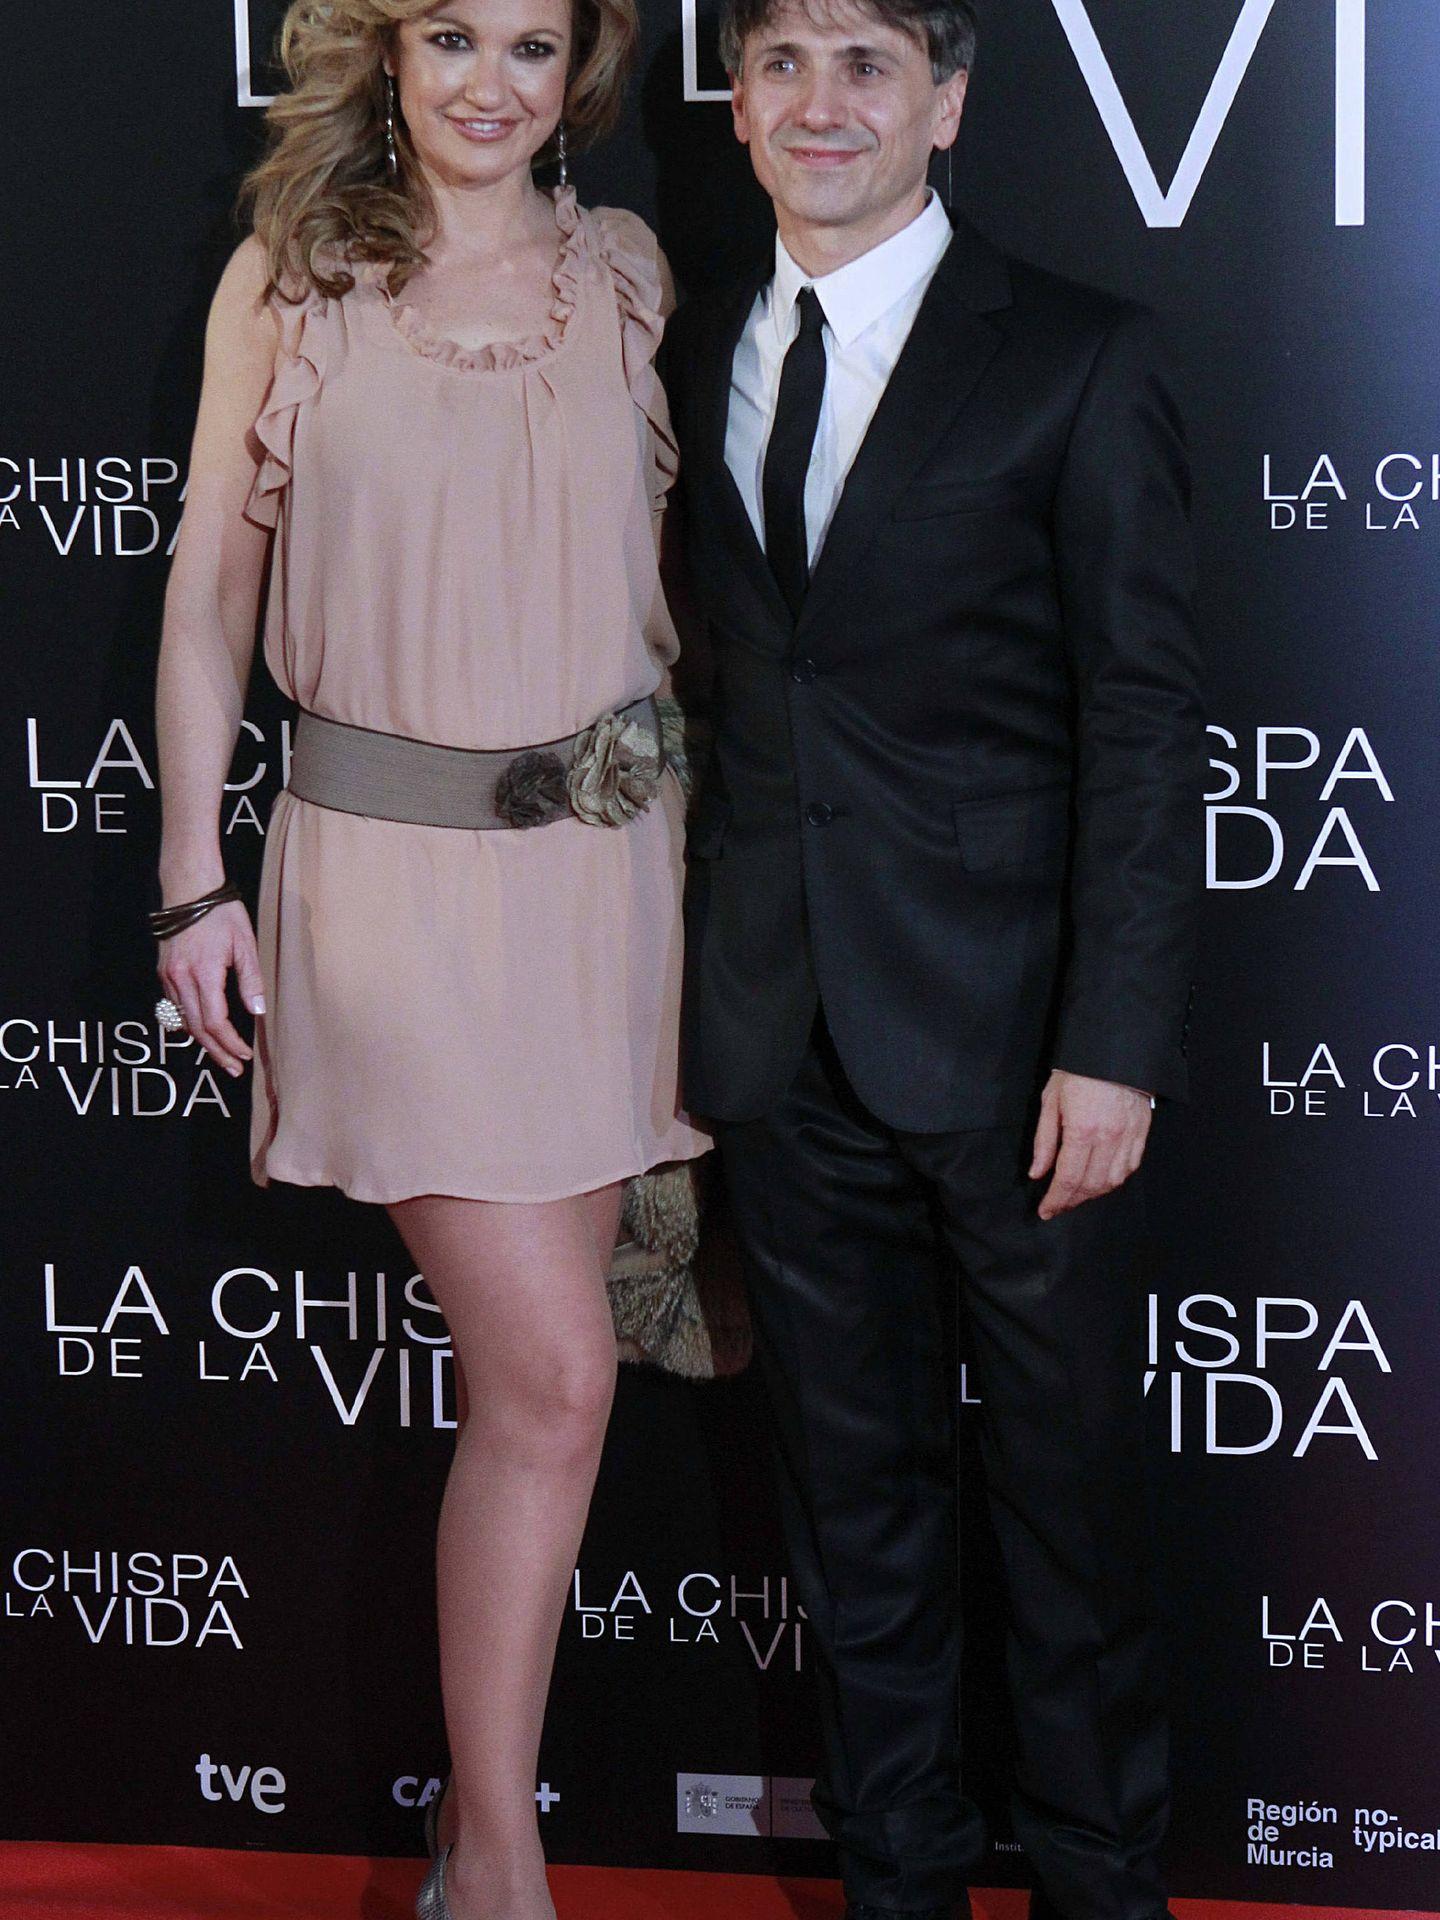 El actor José Mota y su mujer, la actriz Patricia Arribas, a su llegada a la premier de la película 'La chispa de la vida'. (EFE/Alberto Martín)